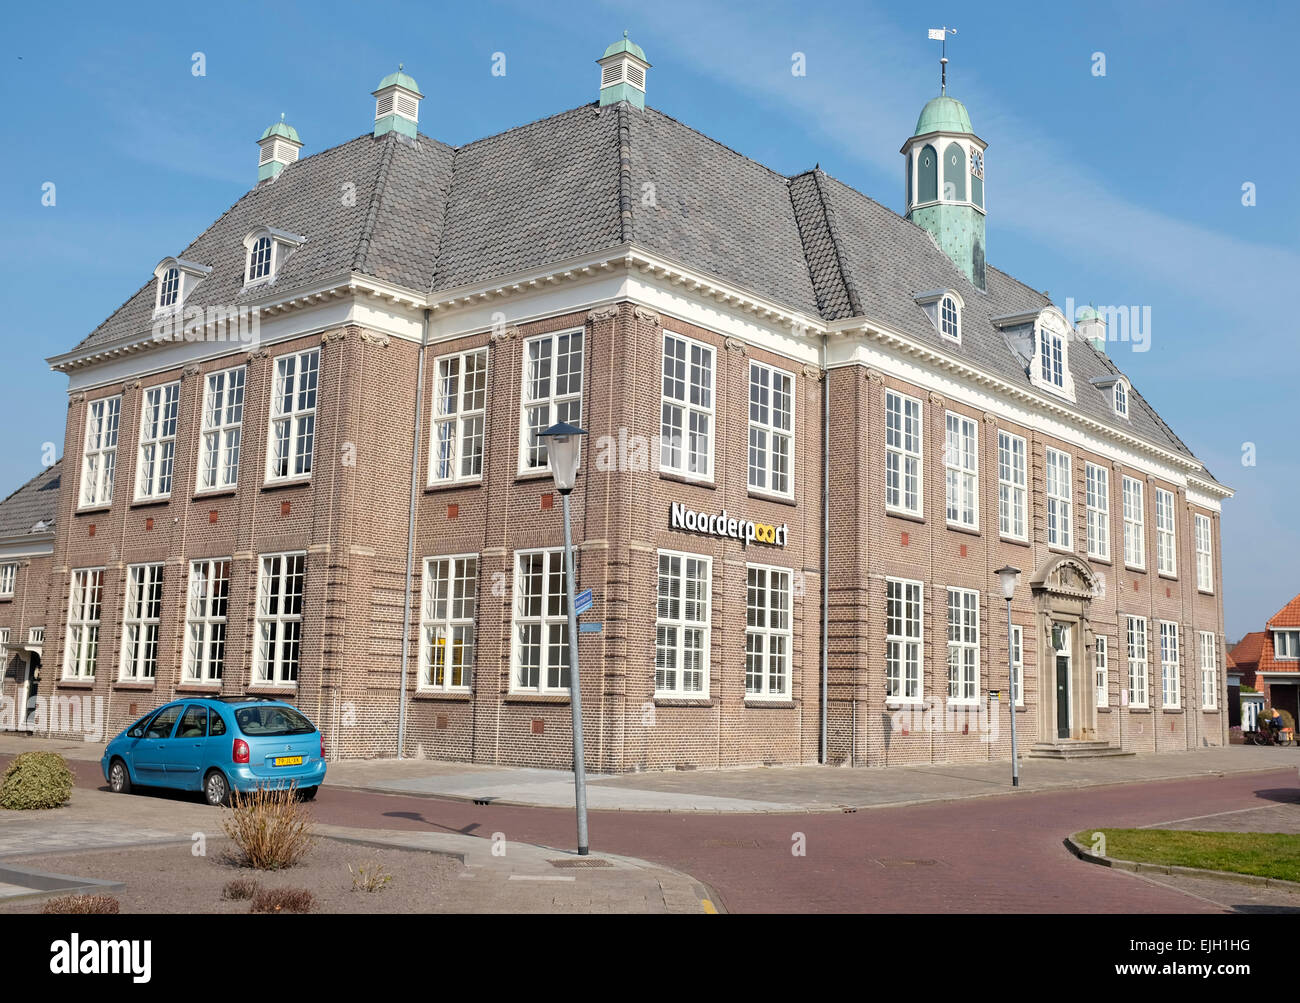 Veendam Noorderpoort College in den Niederlanden Stockbild